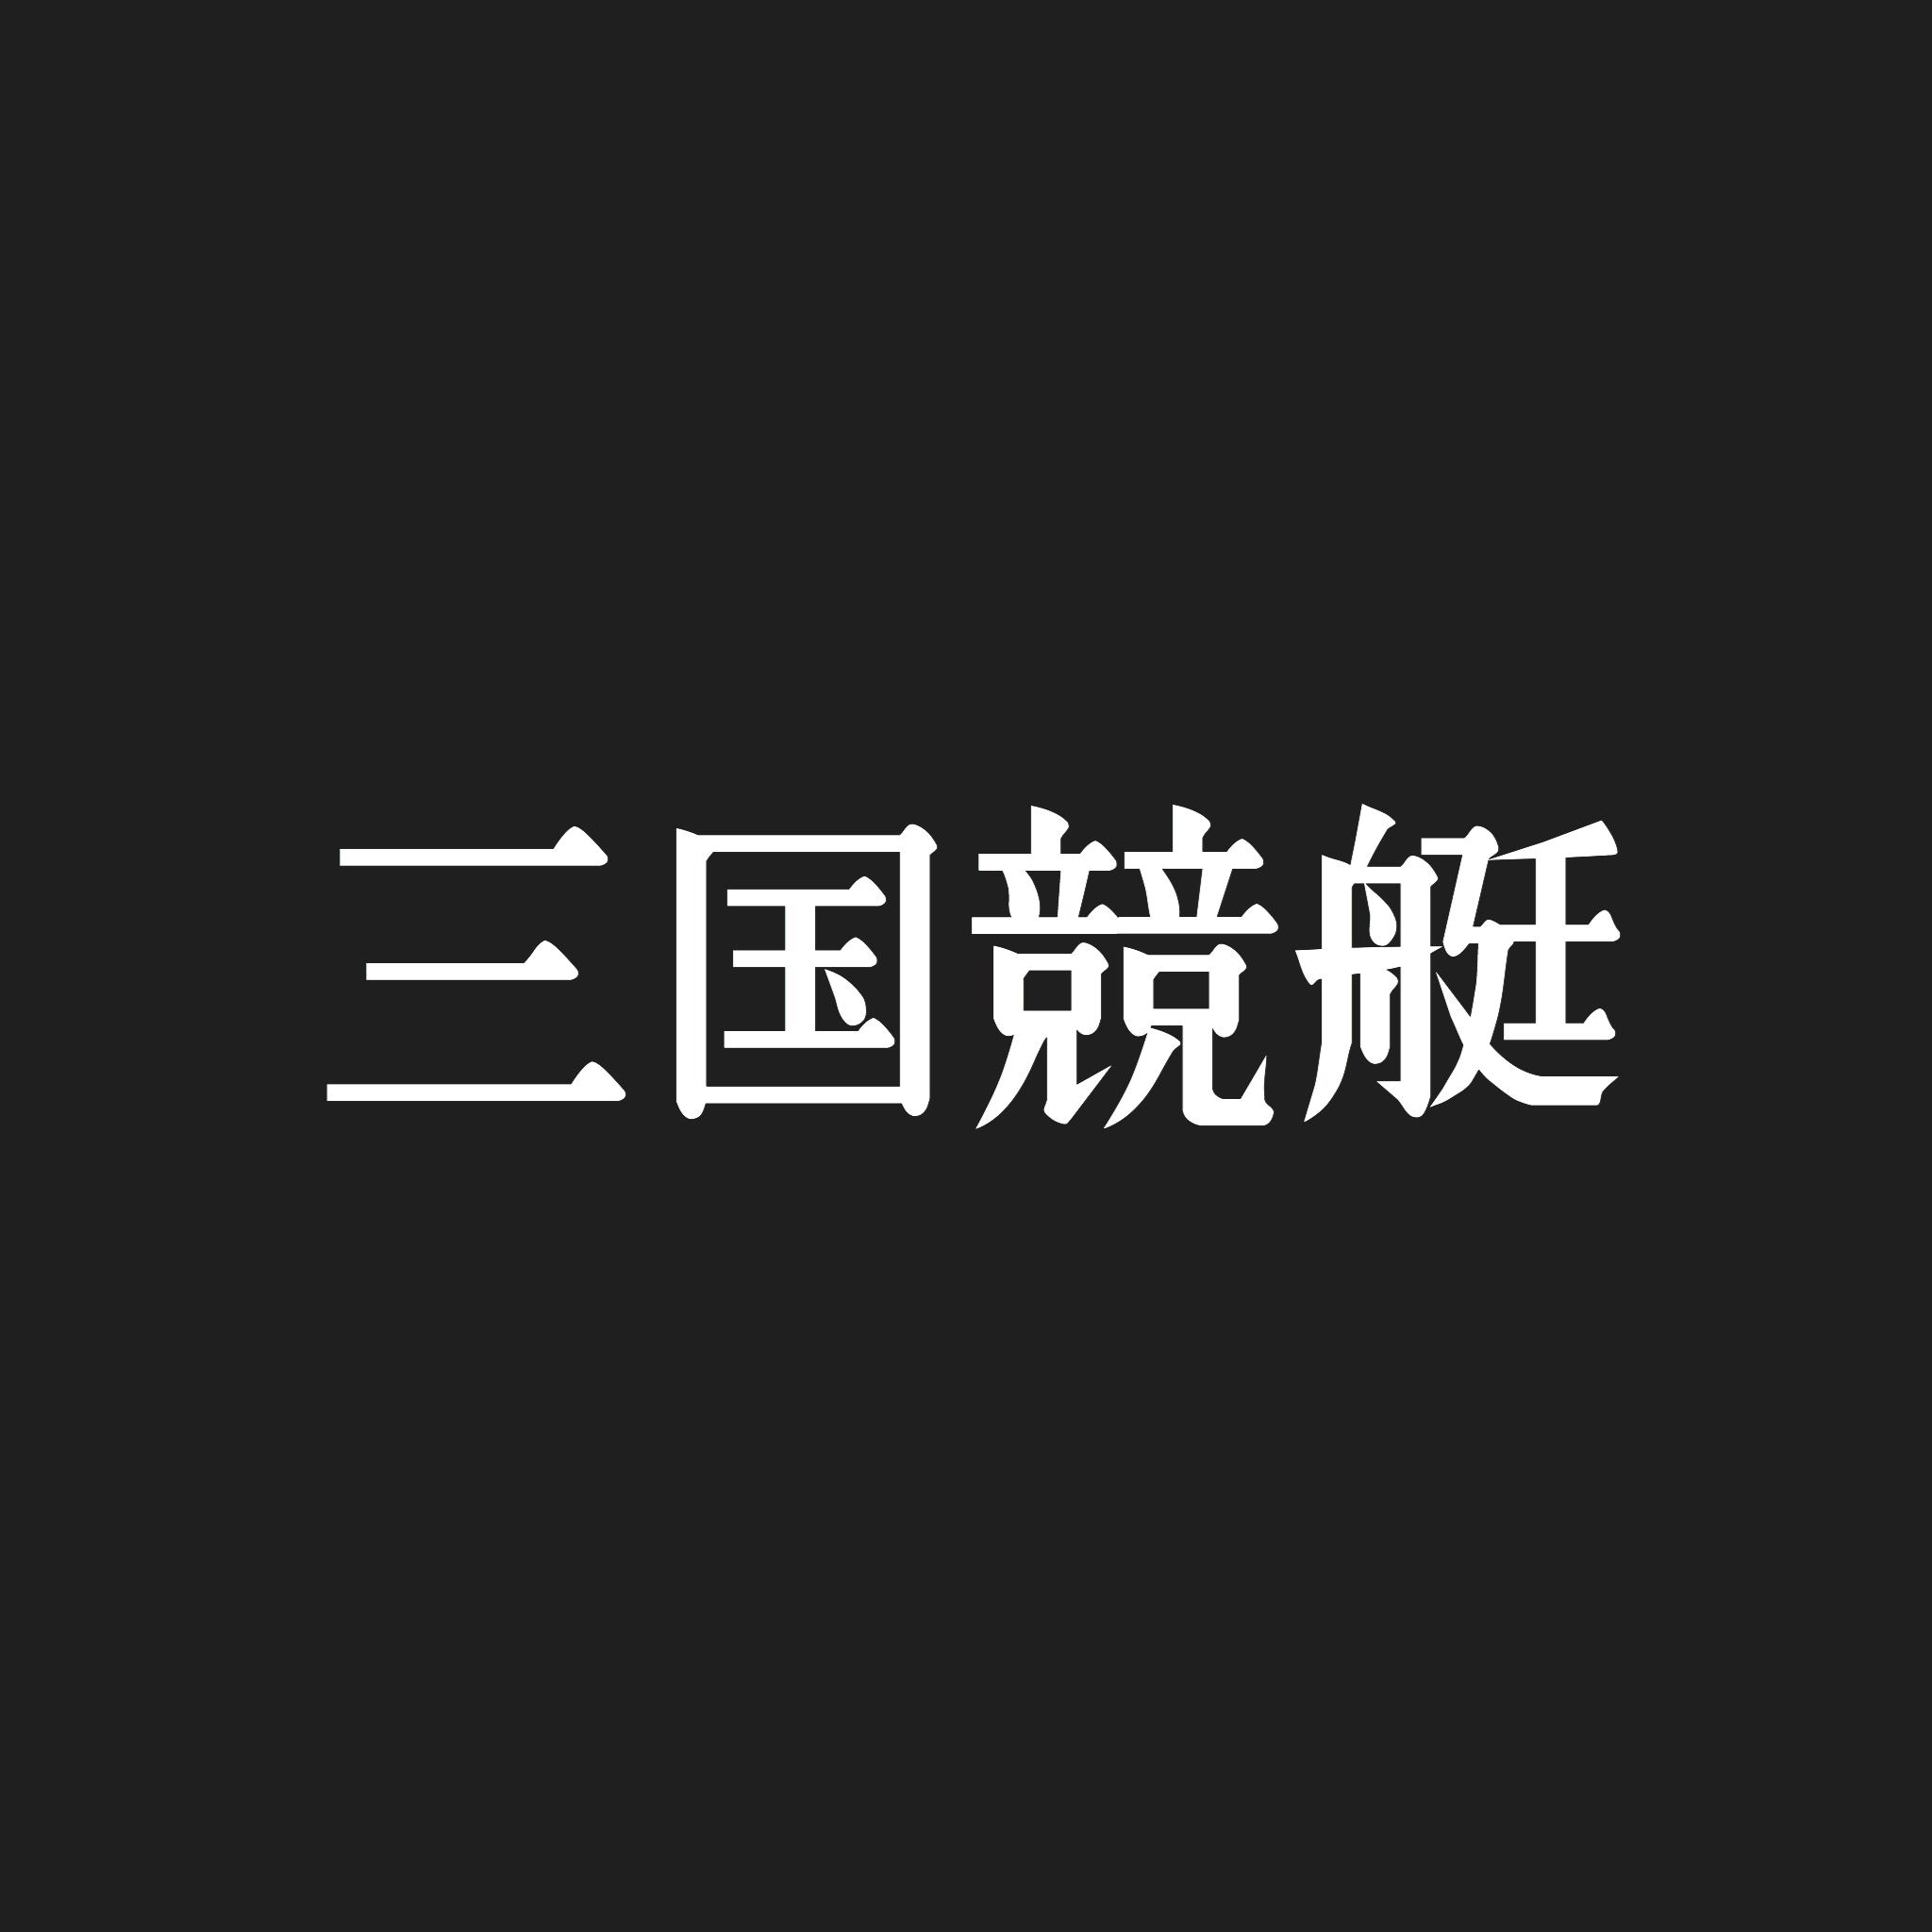 【#10 ボートレース三国】三国競艇場の水面特徴